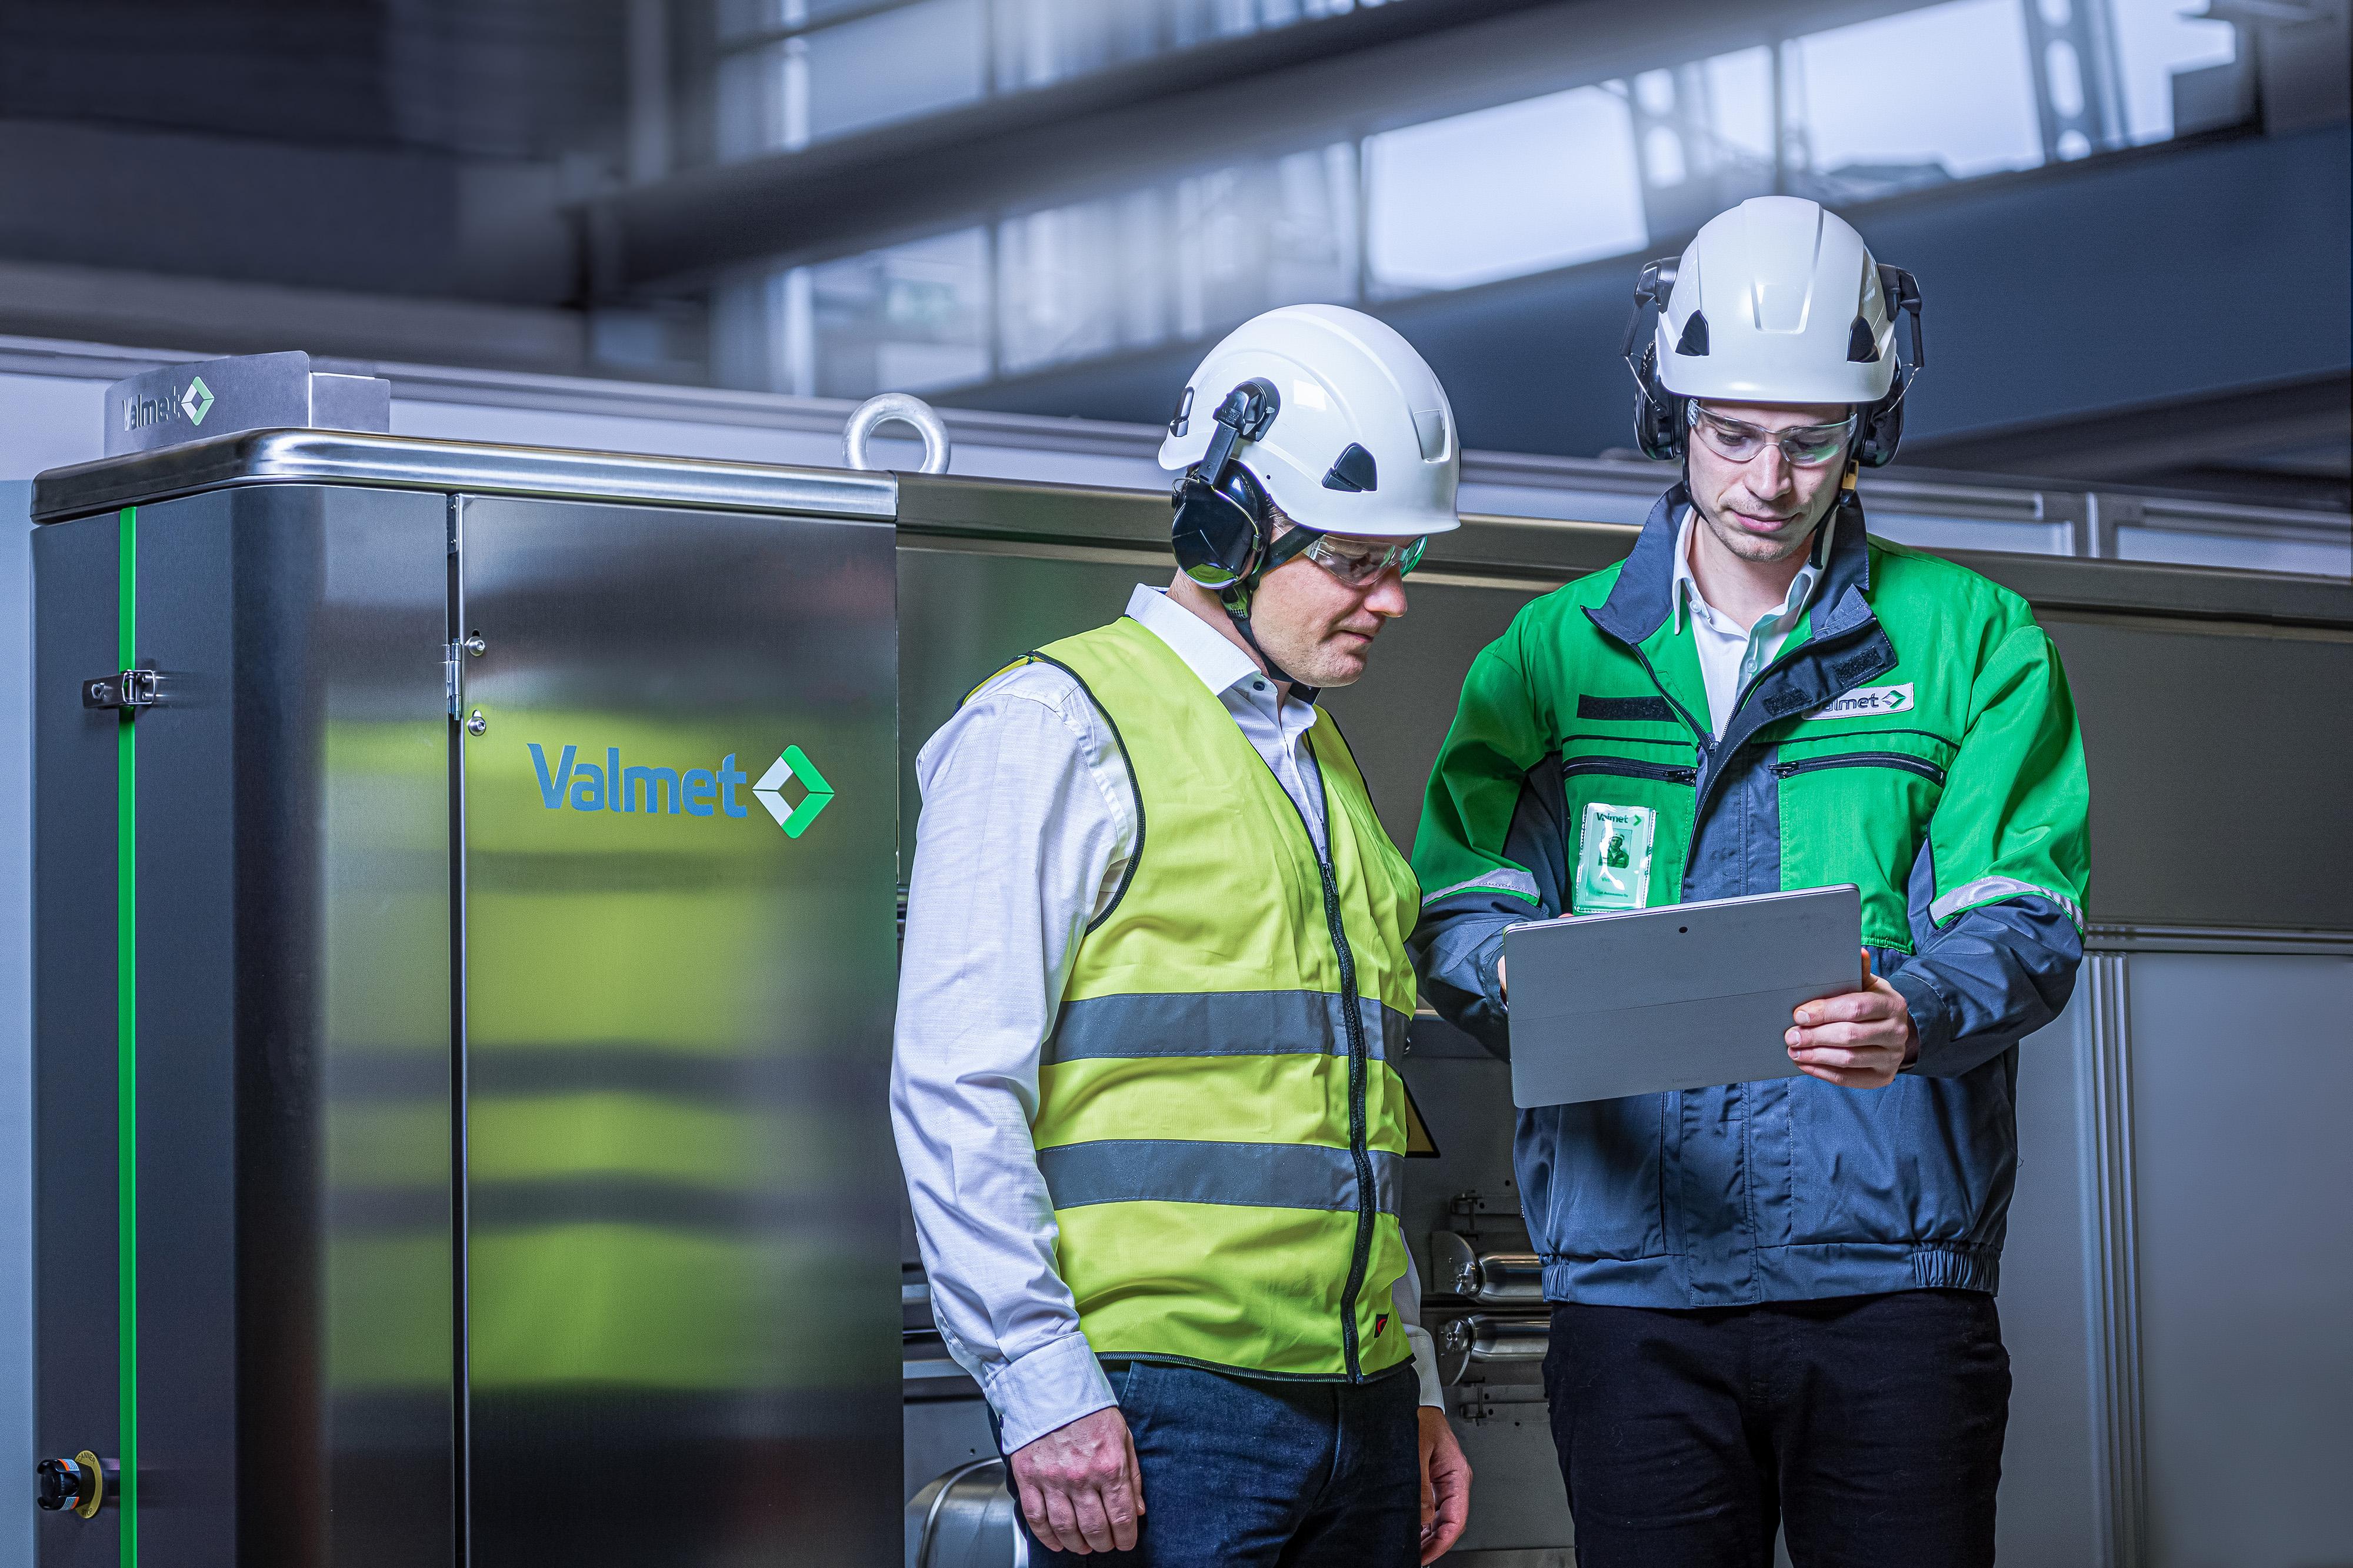 Uudistettu Valmet IQ -laadunhallintajärjestelmä yhdistää laatudatan kuidusta lopputuotteeseen ja vie kohti autonomista tehdasta.